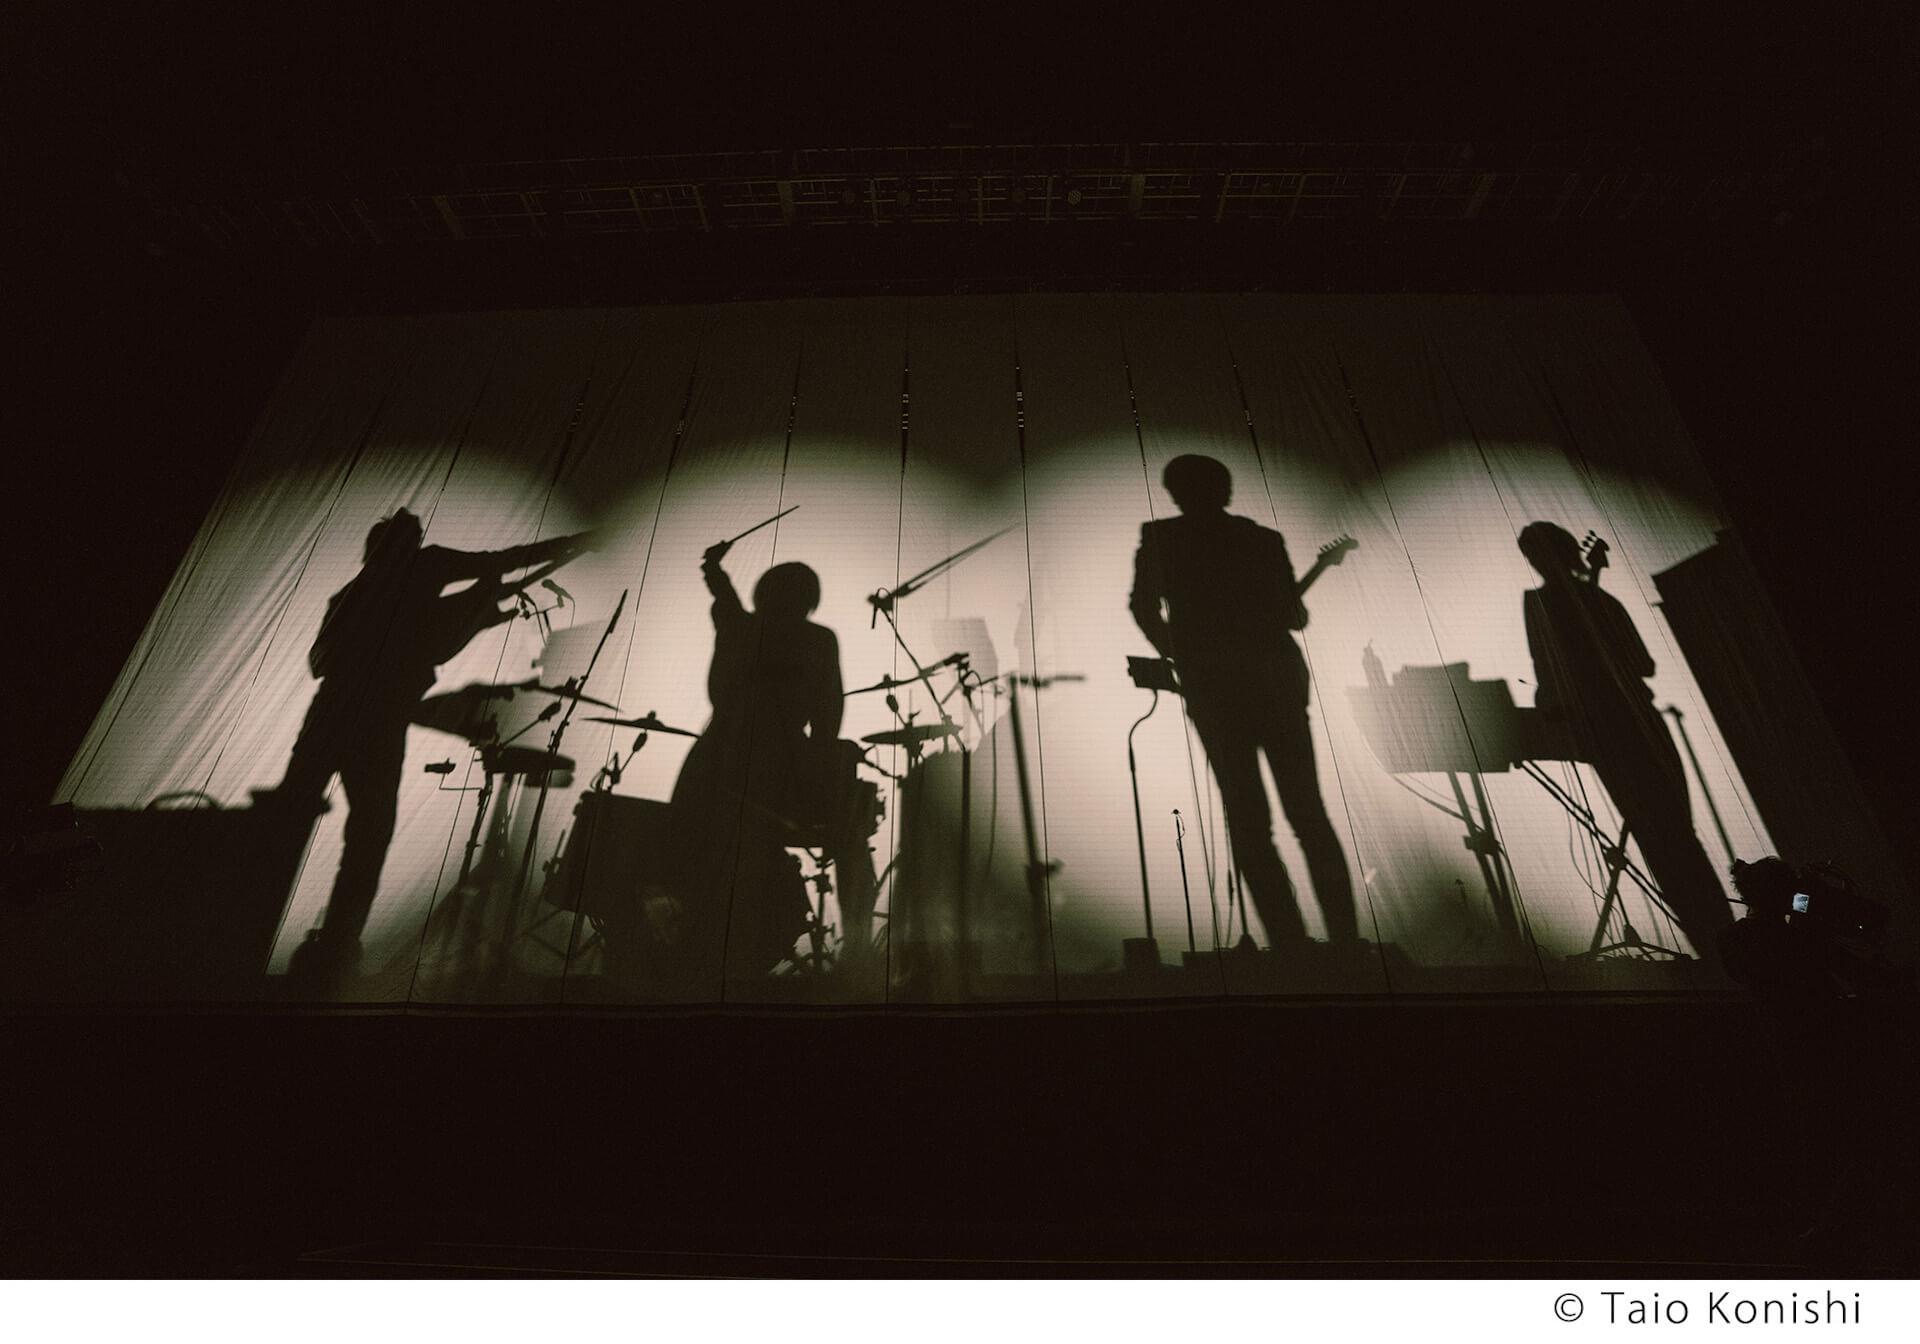 折坂悠太、カネコアヤノ、PUNPEEらが熱演!<KEEP ON FUJI ROCKIN' II >のオフィシャルレポートが公開 music210107_fujirock-08